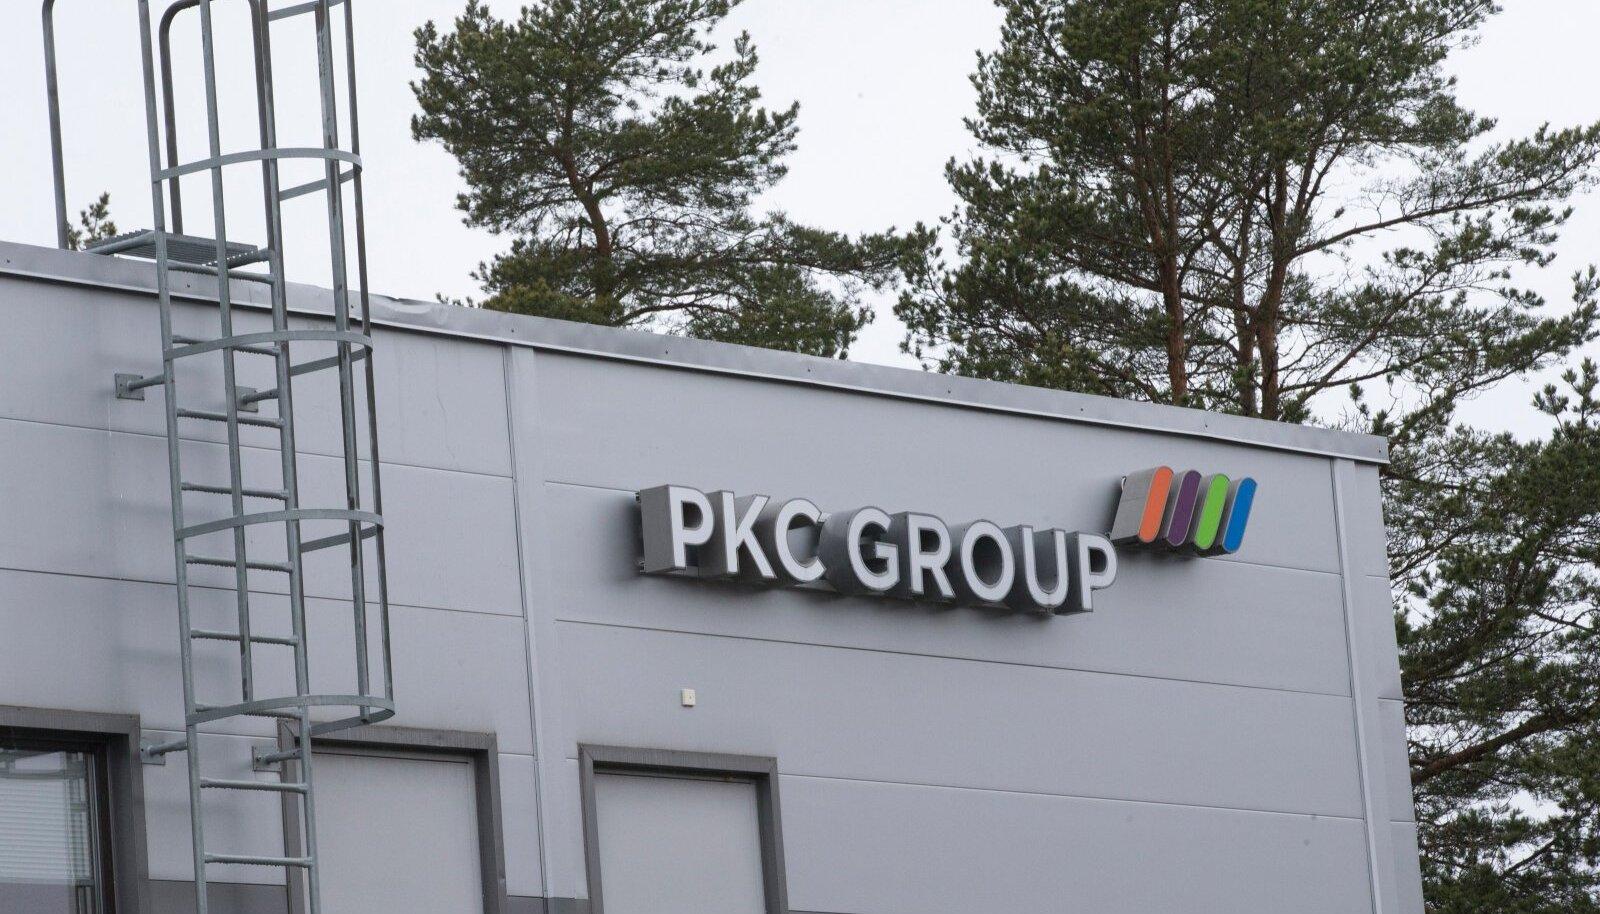 Autotööstusele juhtmeköidiseid valmistav rahvusvaheline PKC Grupp sulgeb 2017. aasta märtsis Eestis tootmise ja koondab aasta jooksul 613 töötajat.PKC Eesti juhatuse liige Merle Montgomery